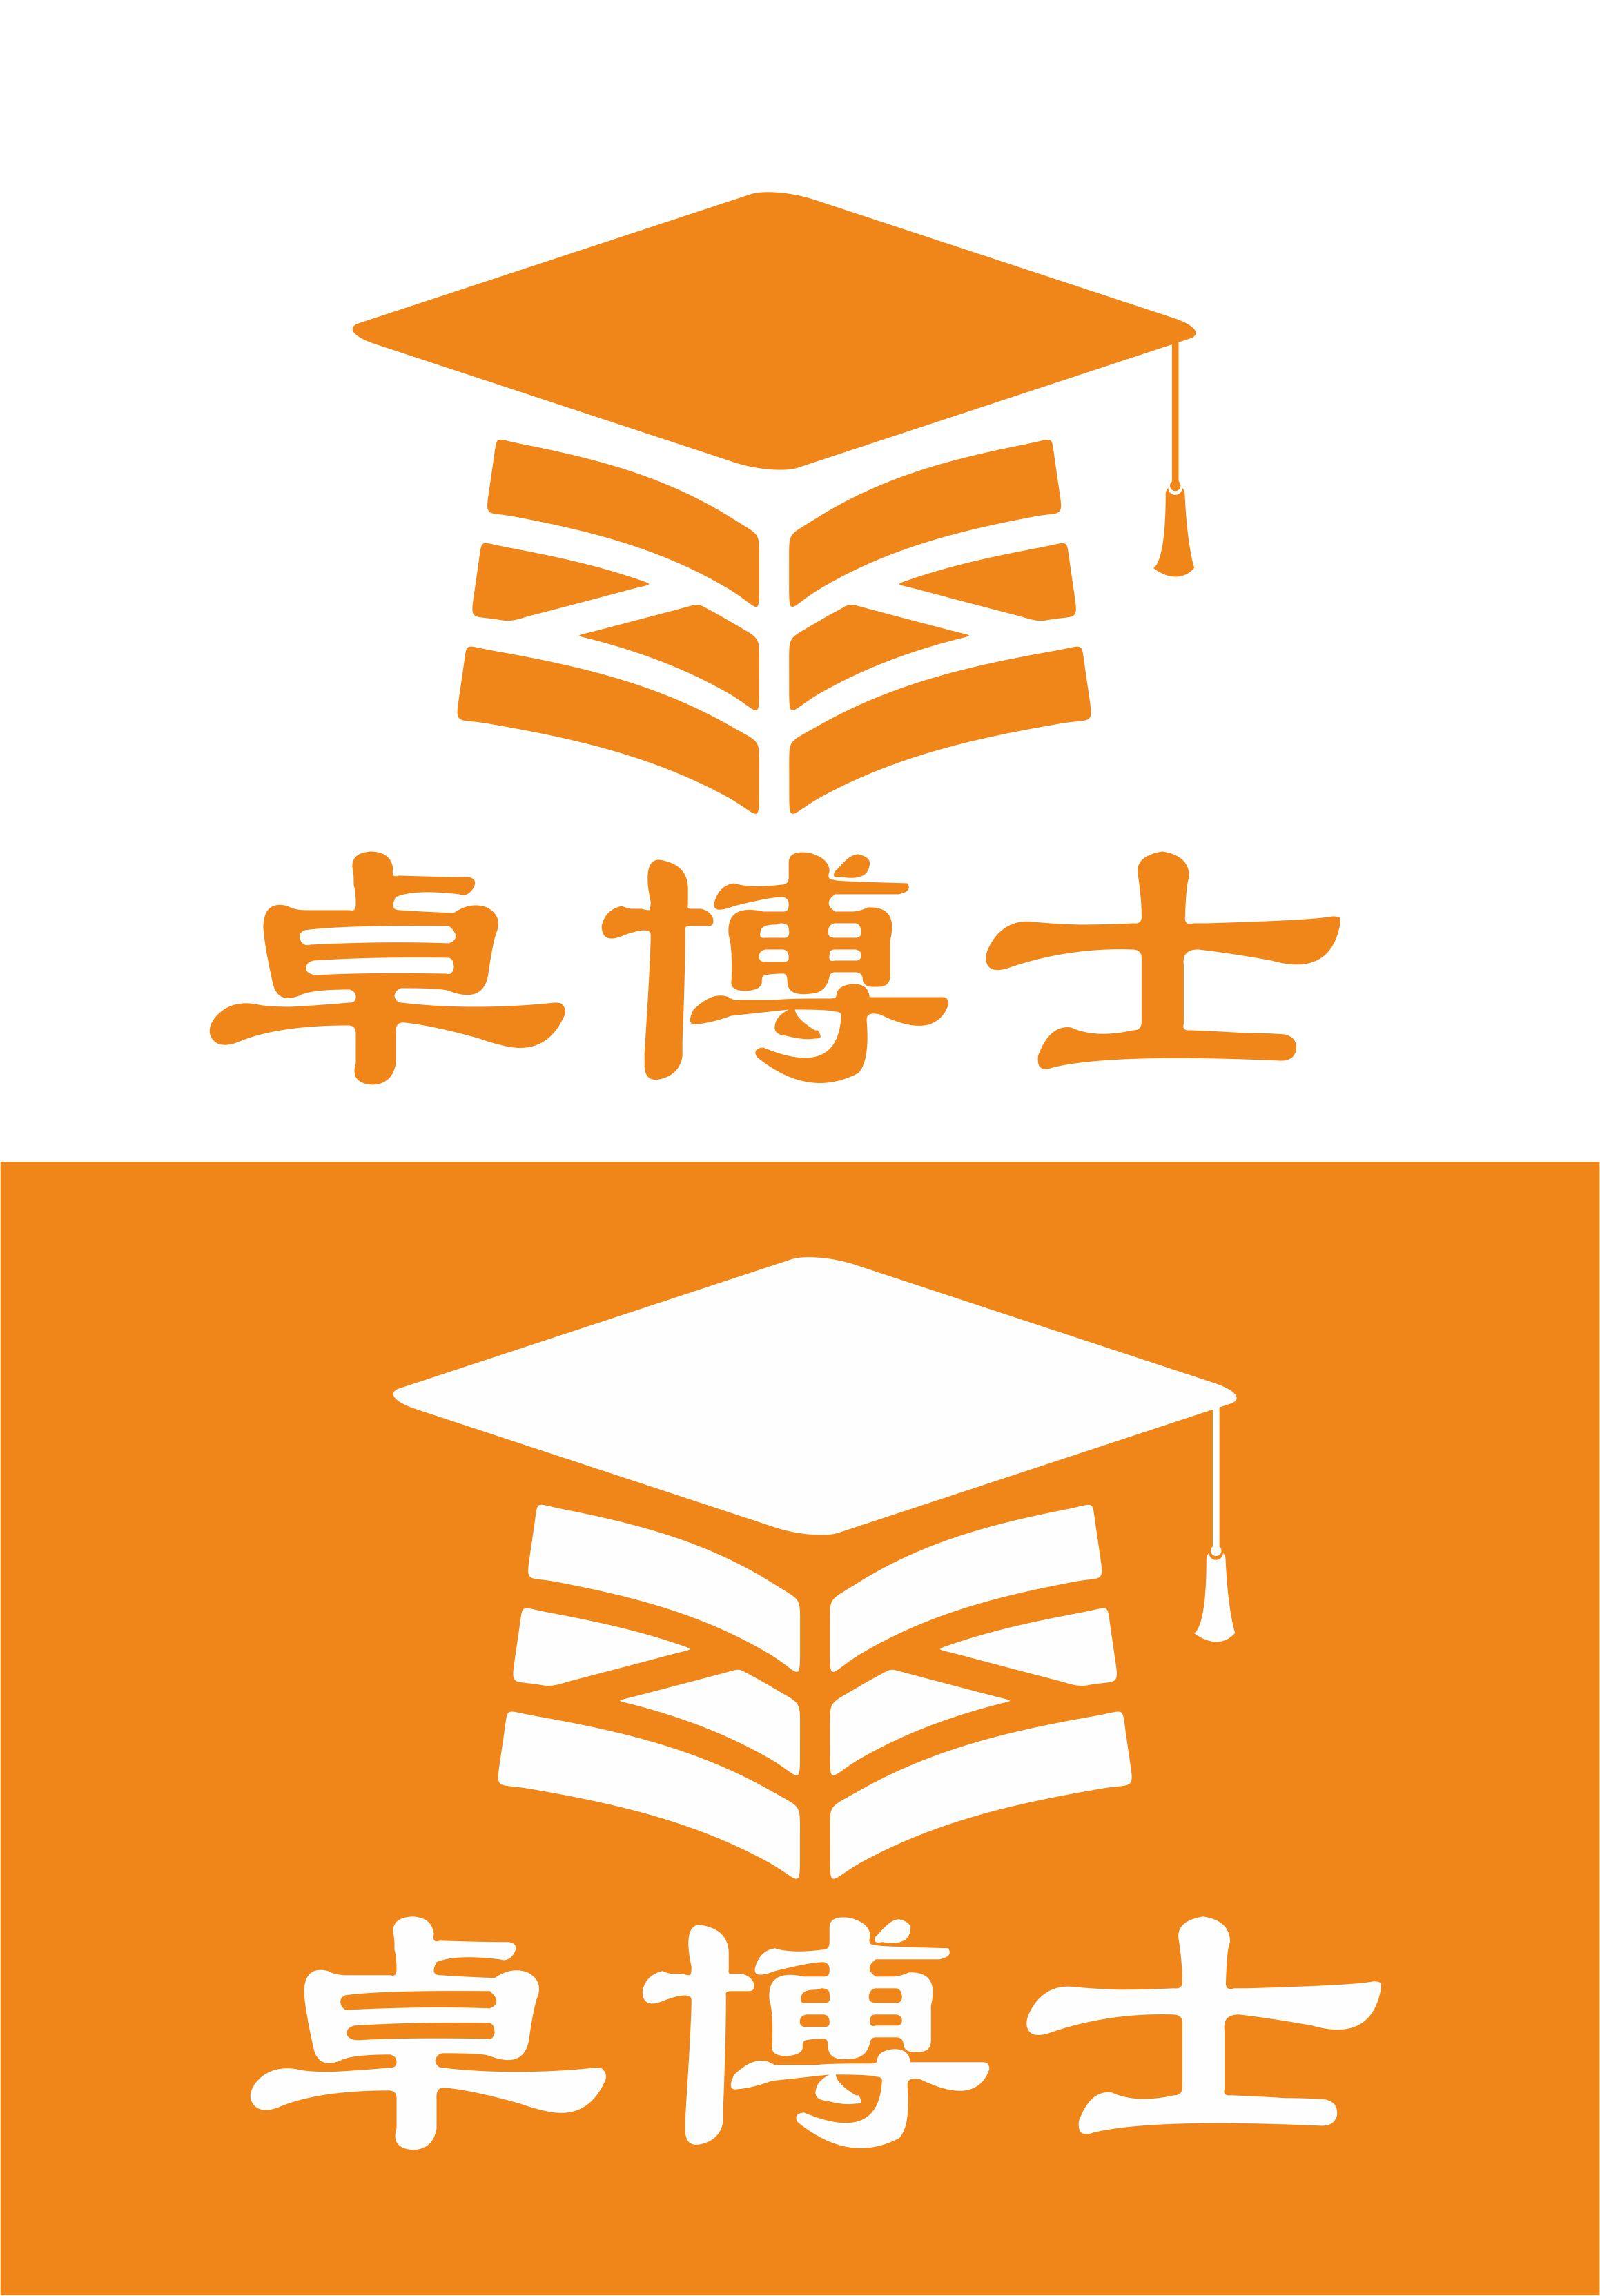 教育网站logo设计